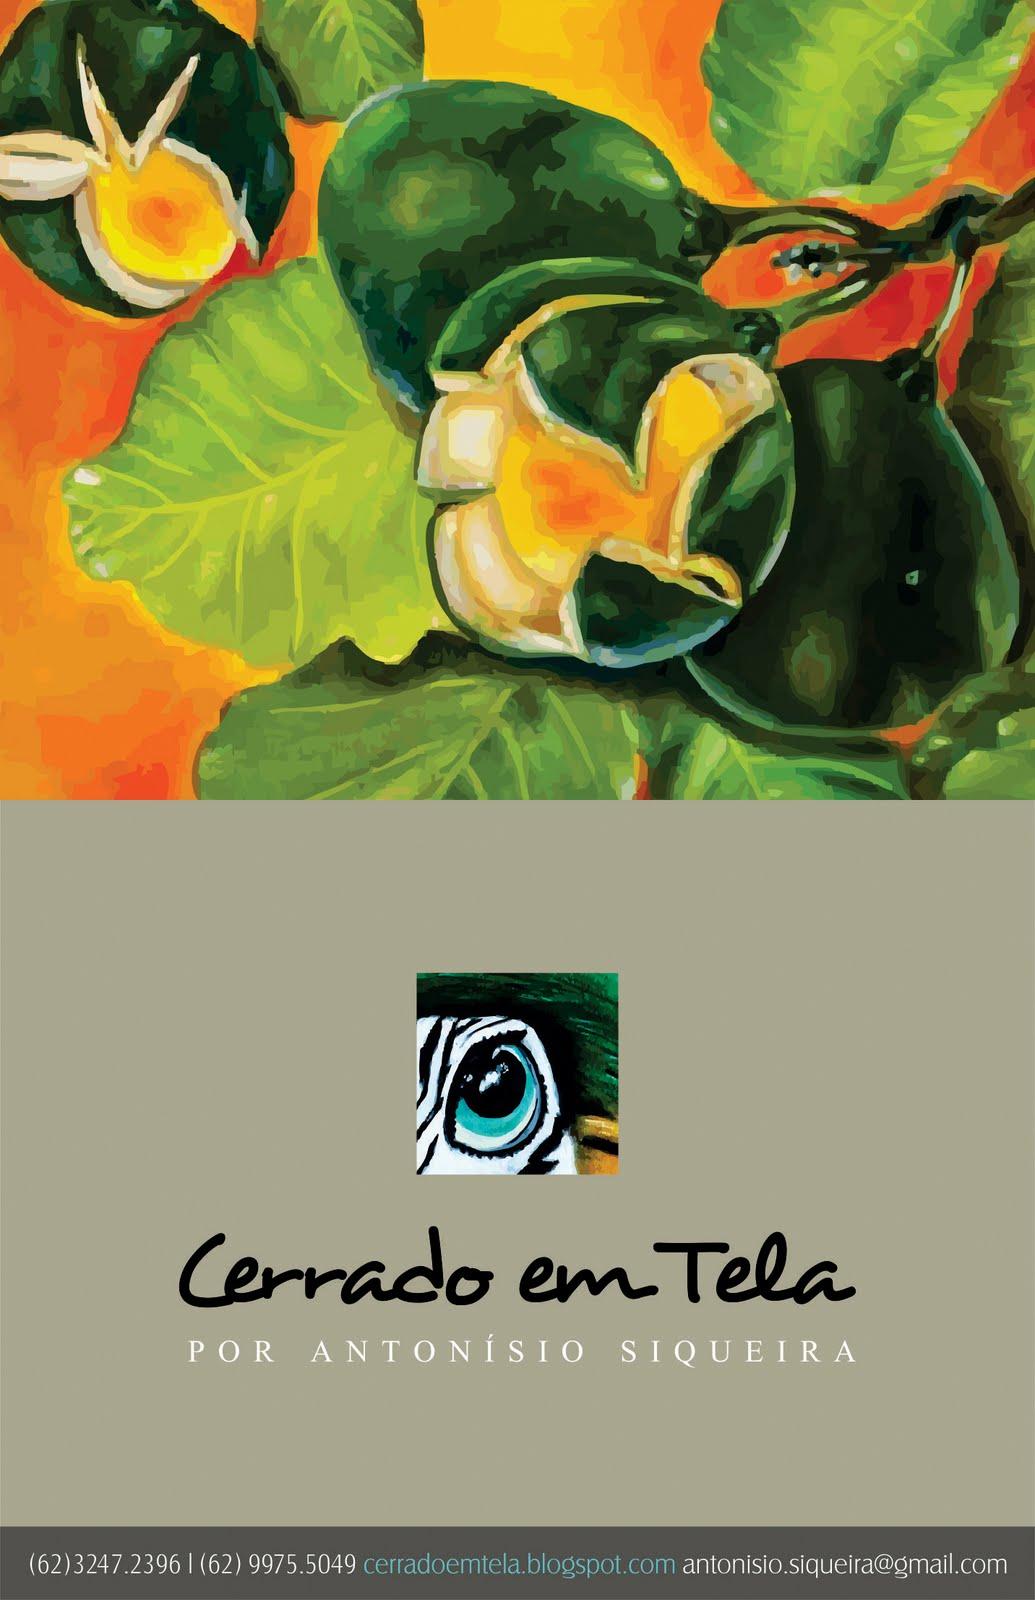 http://3.bp.blogspot.com/-KZRVfIwS1_o/TqXAwd04-4I/AAAAAAAAAxc/q8Rmd7IhcZk/s1600/Cerrado+em+Tela.jpg